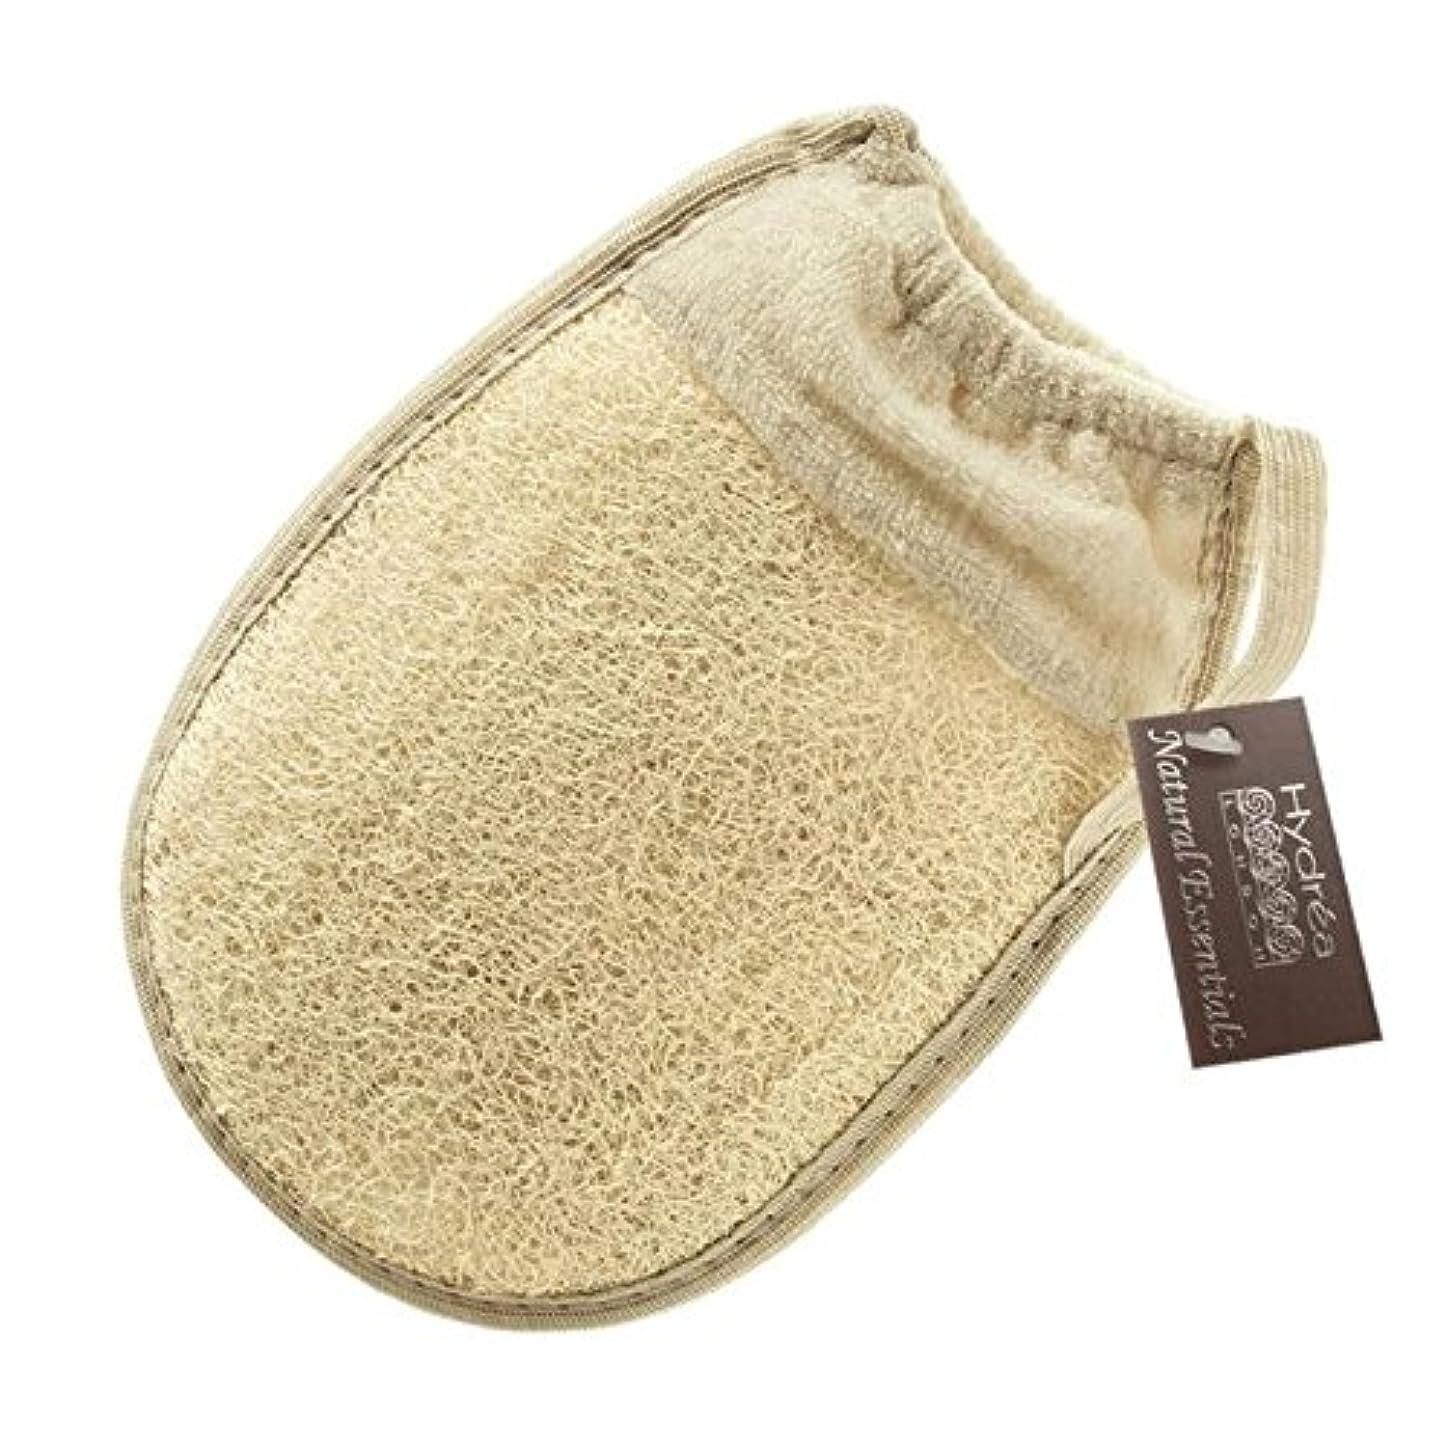 測定破壊する測定Hydrea London Egyptian Loofah Glove with Elasticated Cuff - 伸縮性カフとハイドレアロンドンエジプトのヘチマグローブ [並行輸入品]